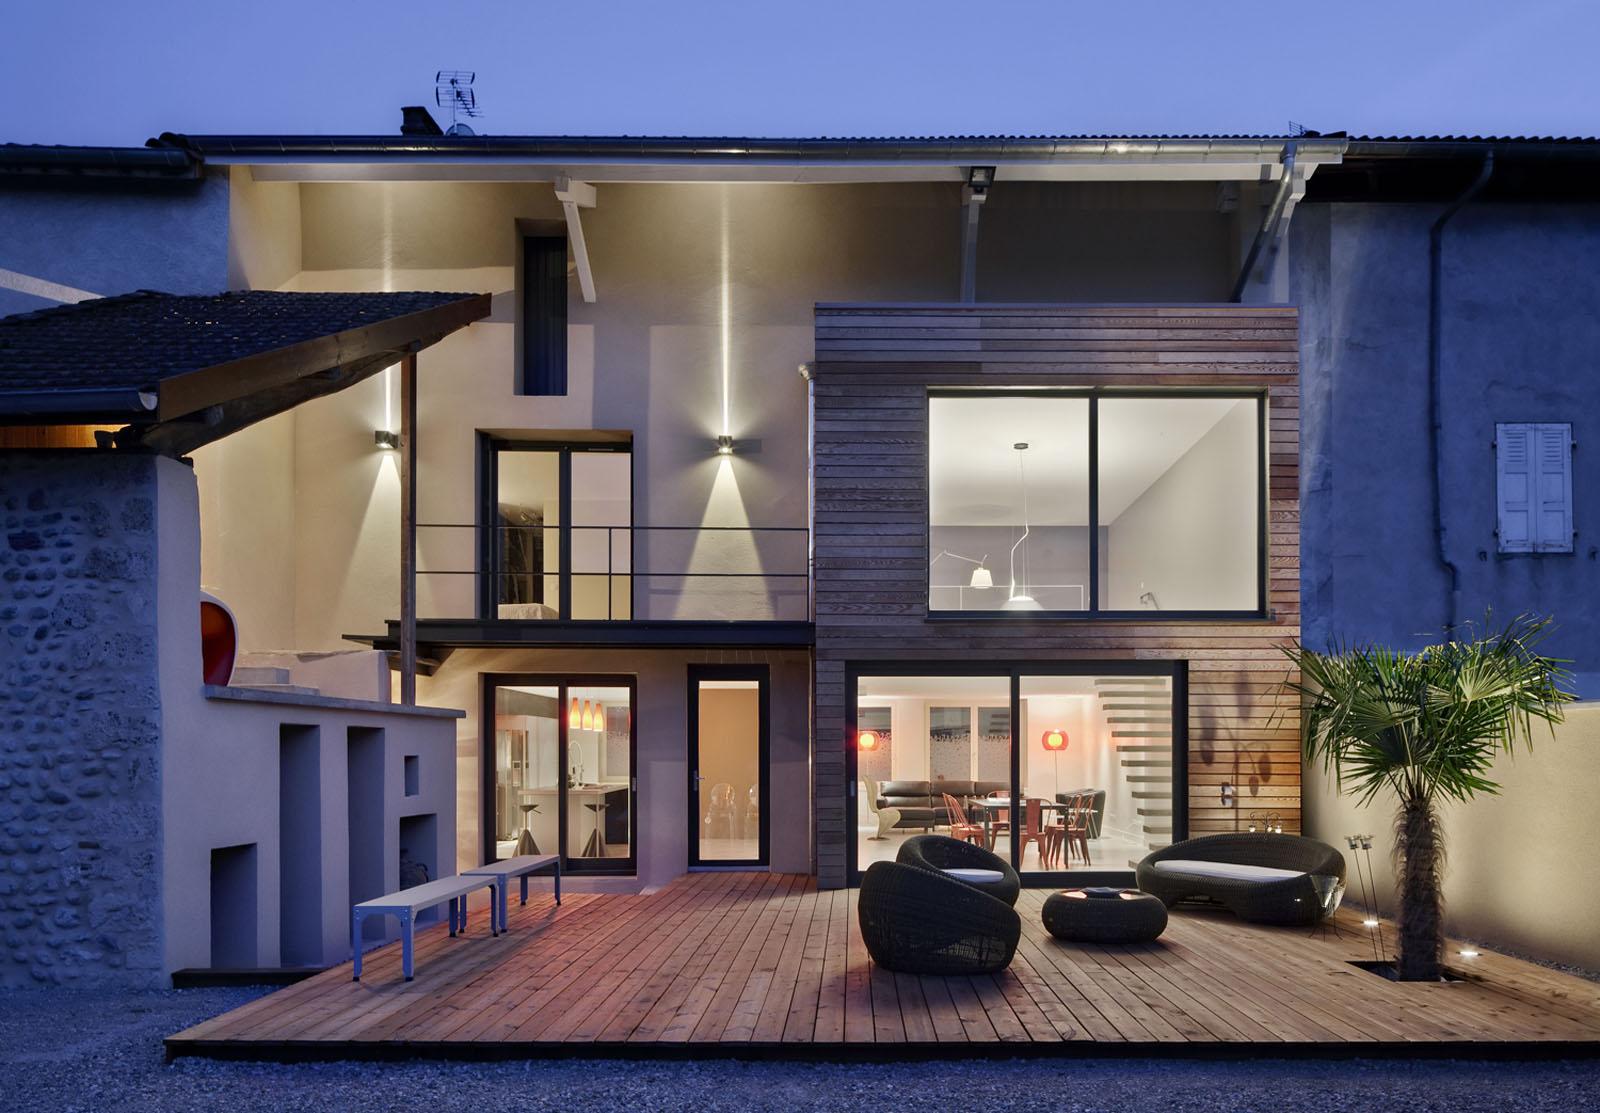 lautrefabrique architectes maison de village. Black Bedroom Furniture Sets. Home Design Ideas